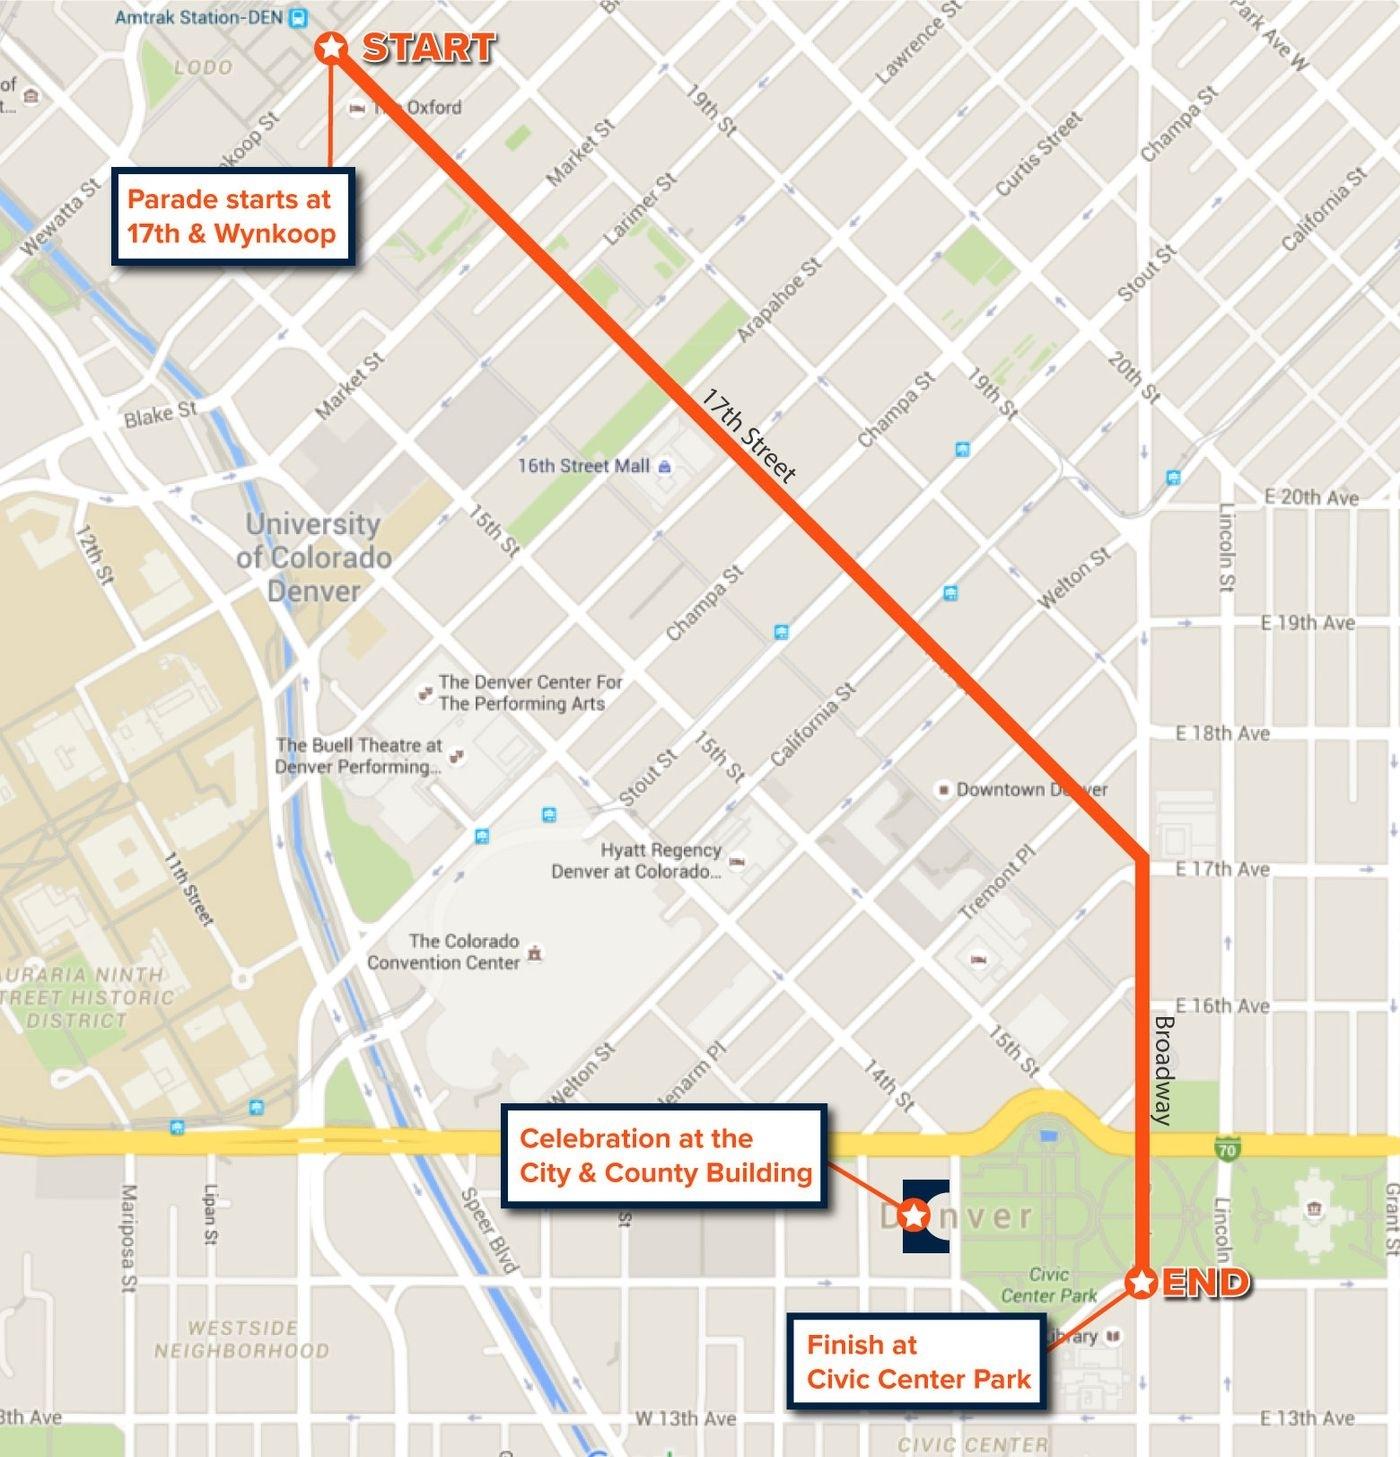 Super Bowl Parade 2016 Map And Route For Denver Broncos with regard to Super Bowl Parade Map